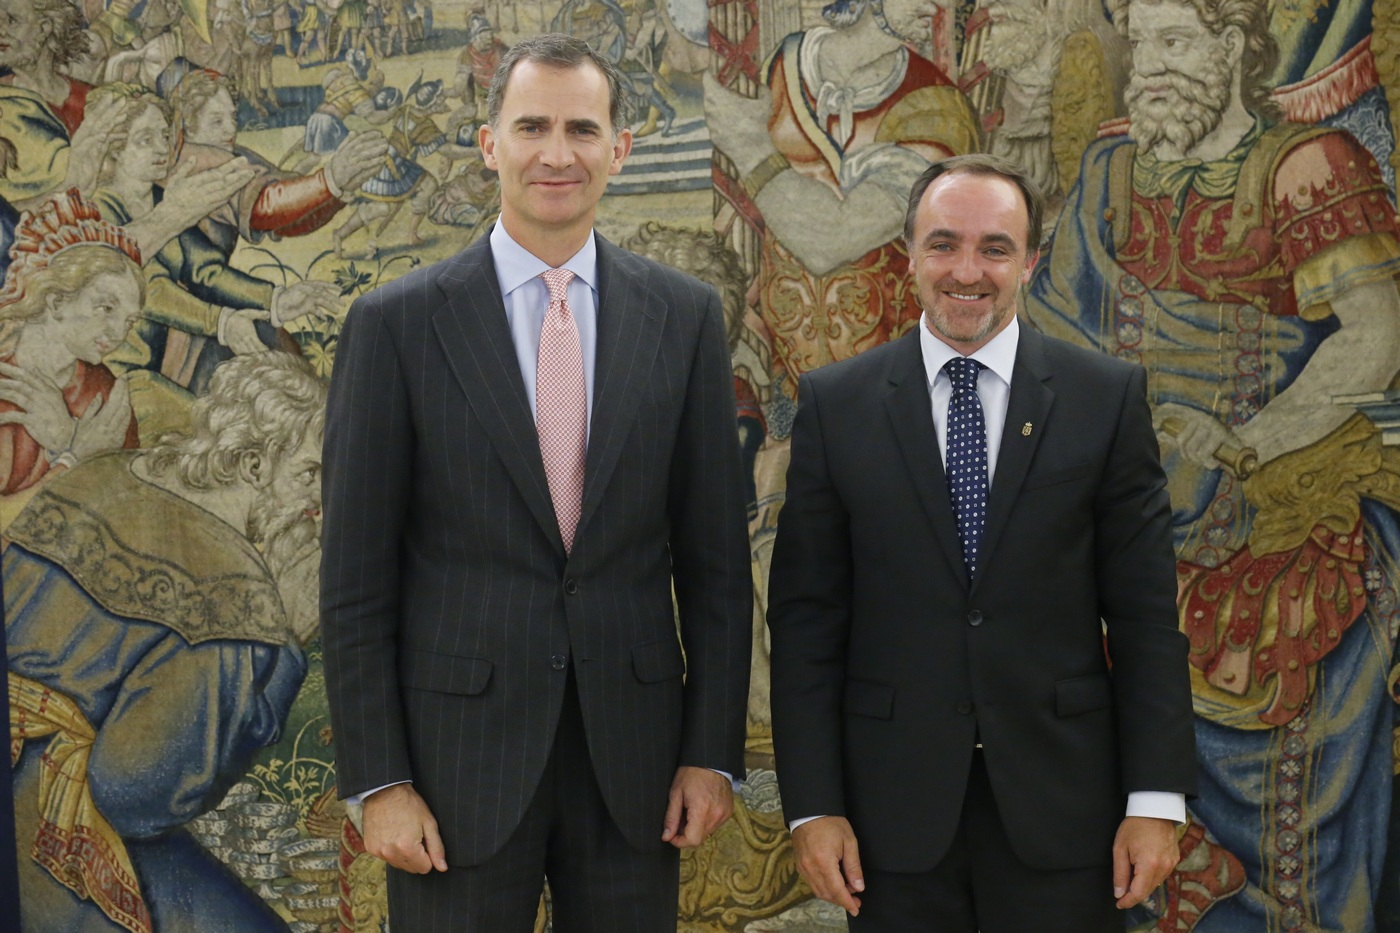 ¿Cuánto mide Pablo Casado?  - Estatura real: 1,77 - Página 10 Rey_consultas_upn_20160726_02